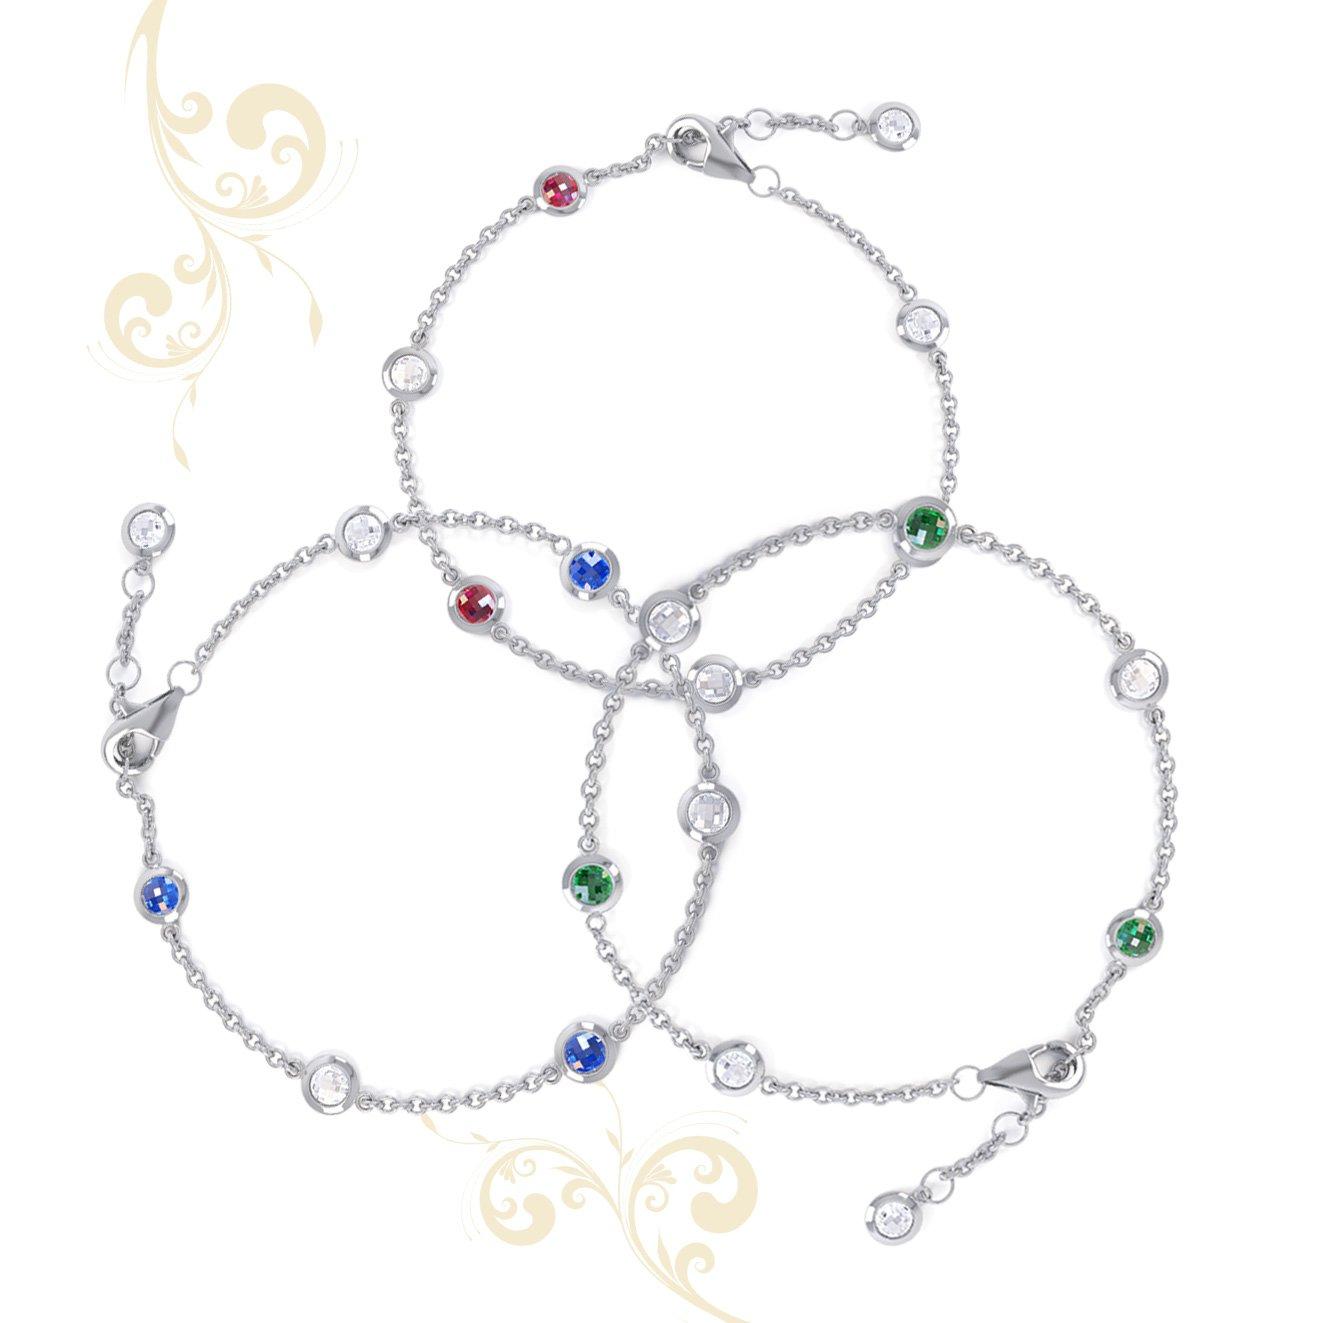 Jian London Bracelets Jewellery